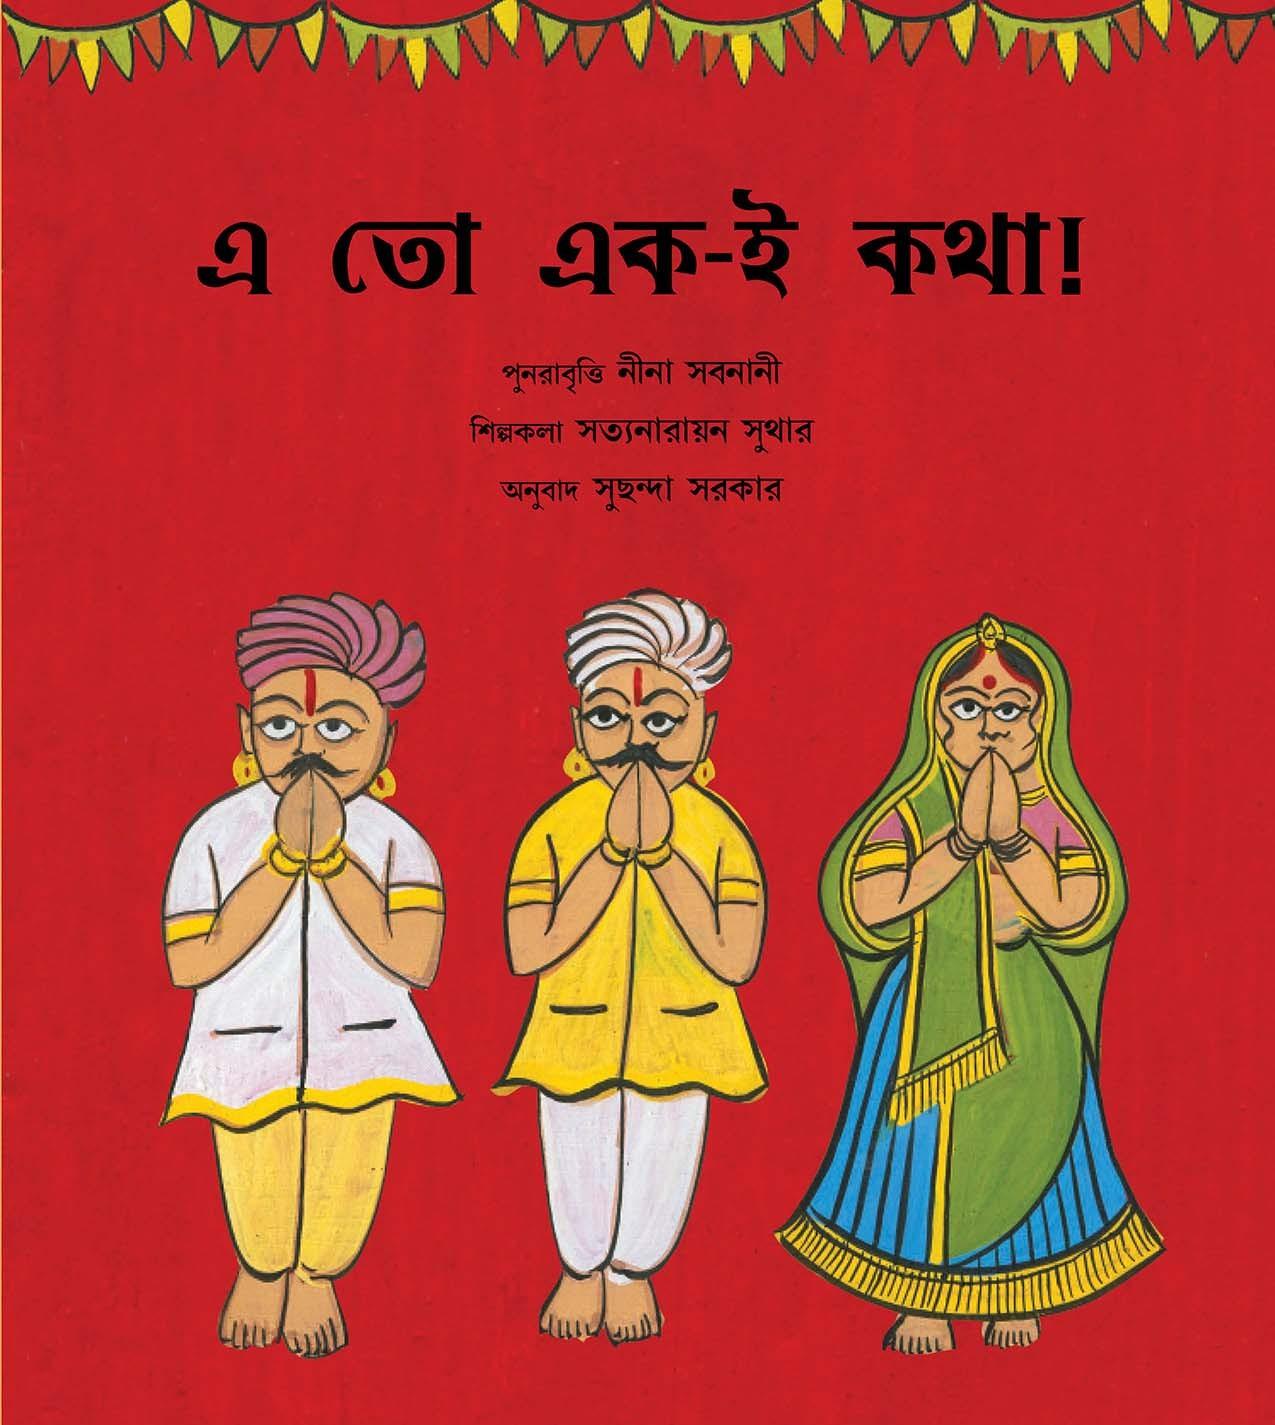 It's All The Same!/E To Aek-I Kotha (Bengali)